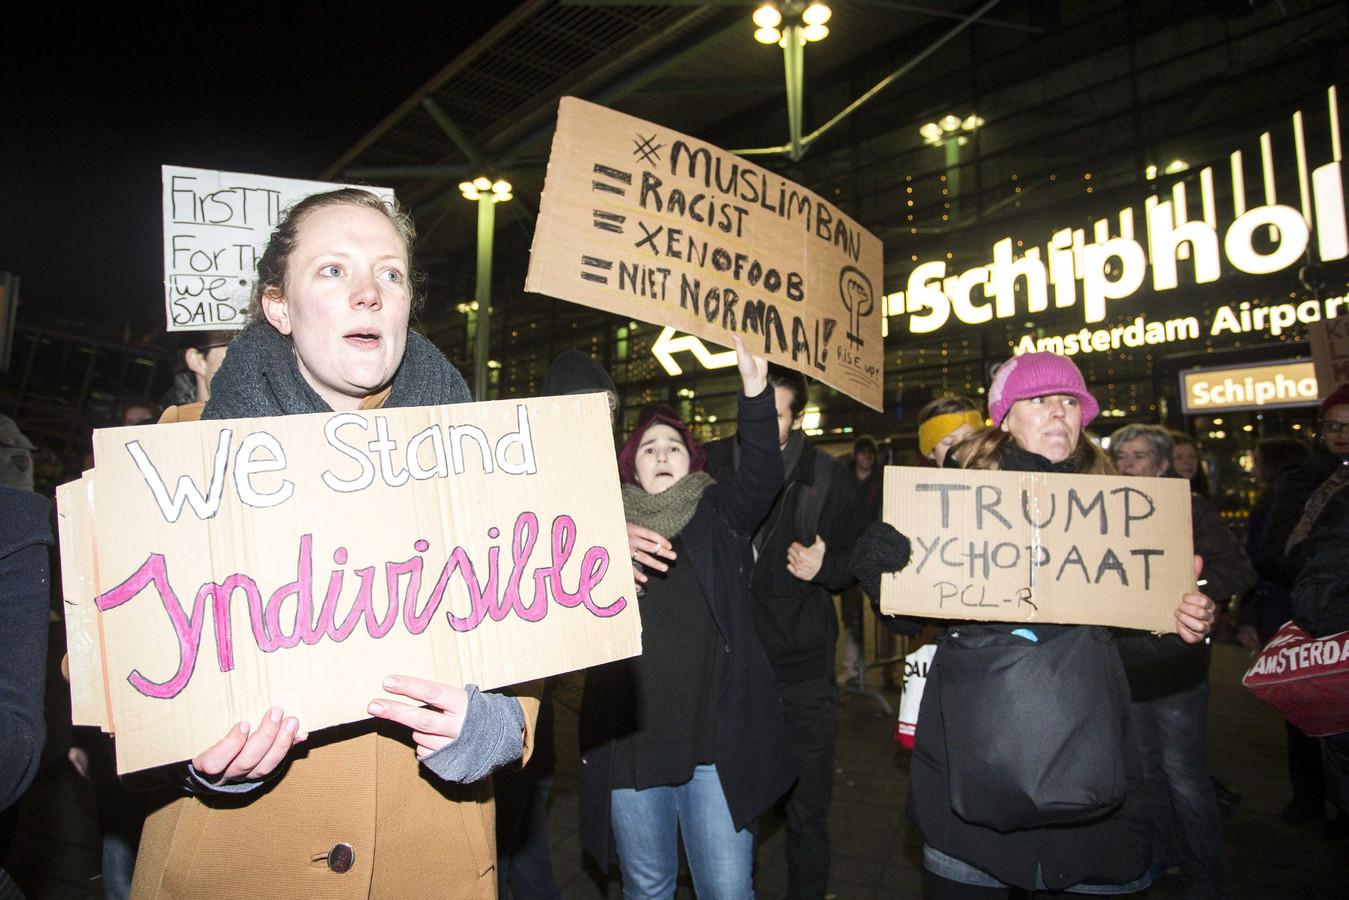 Protesten op Schiphol over het inreisverbod naar de VS